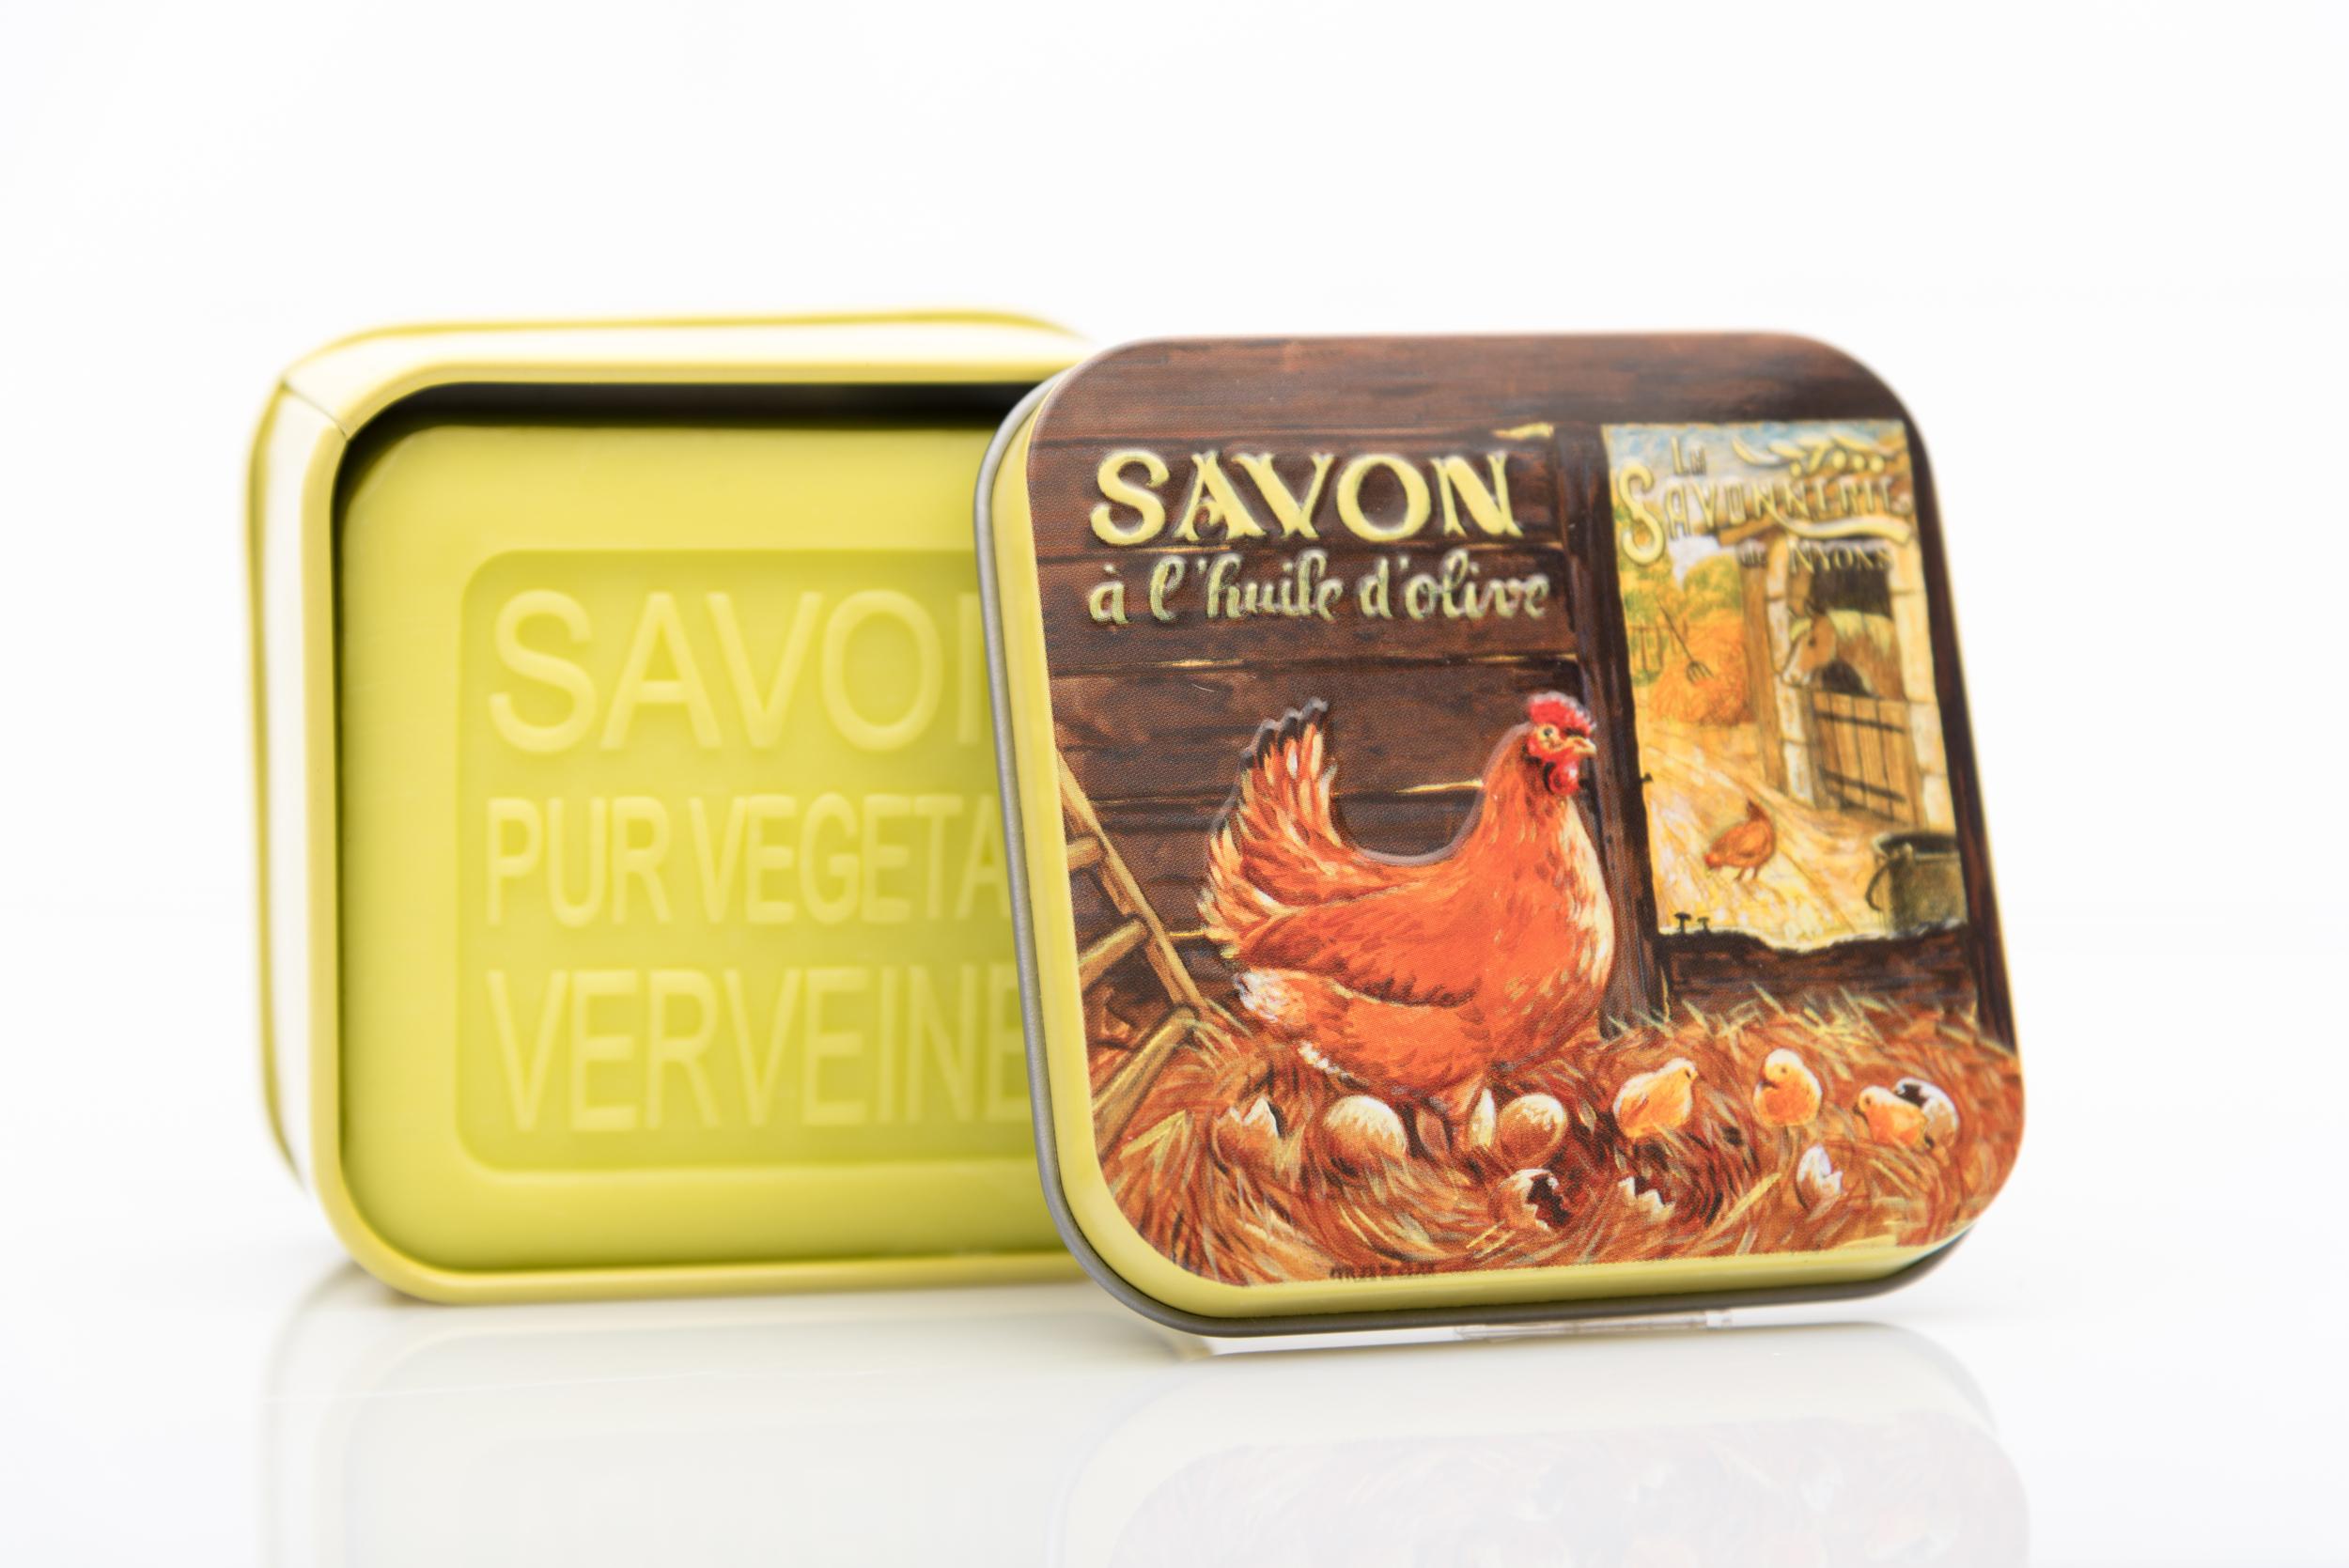 SAVON DE NYONS VEGETAL MADE IN FRANCE AVEC BOITE METALIQUE MODELE 41 A LA VERVEINE